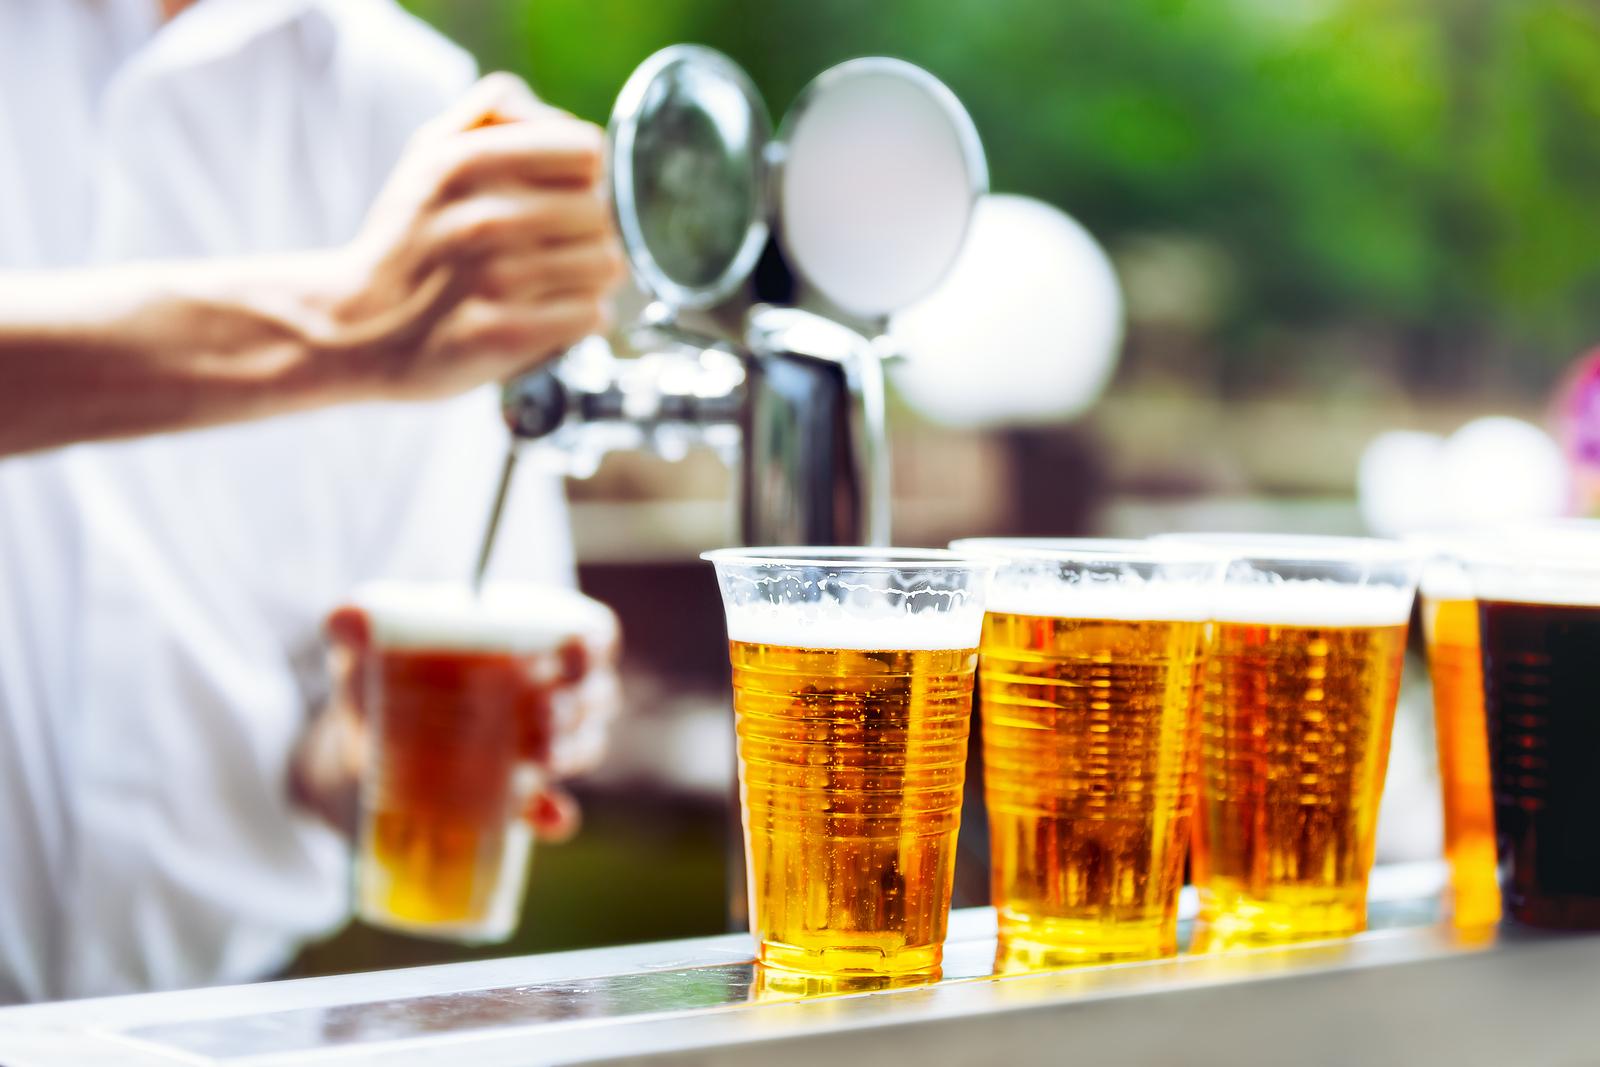 Пластиковые стаканы с пивом